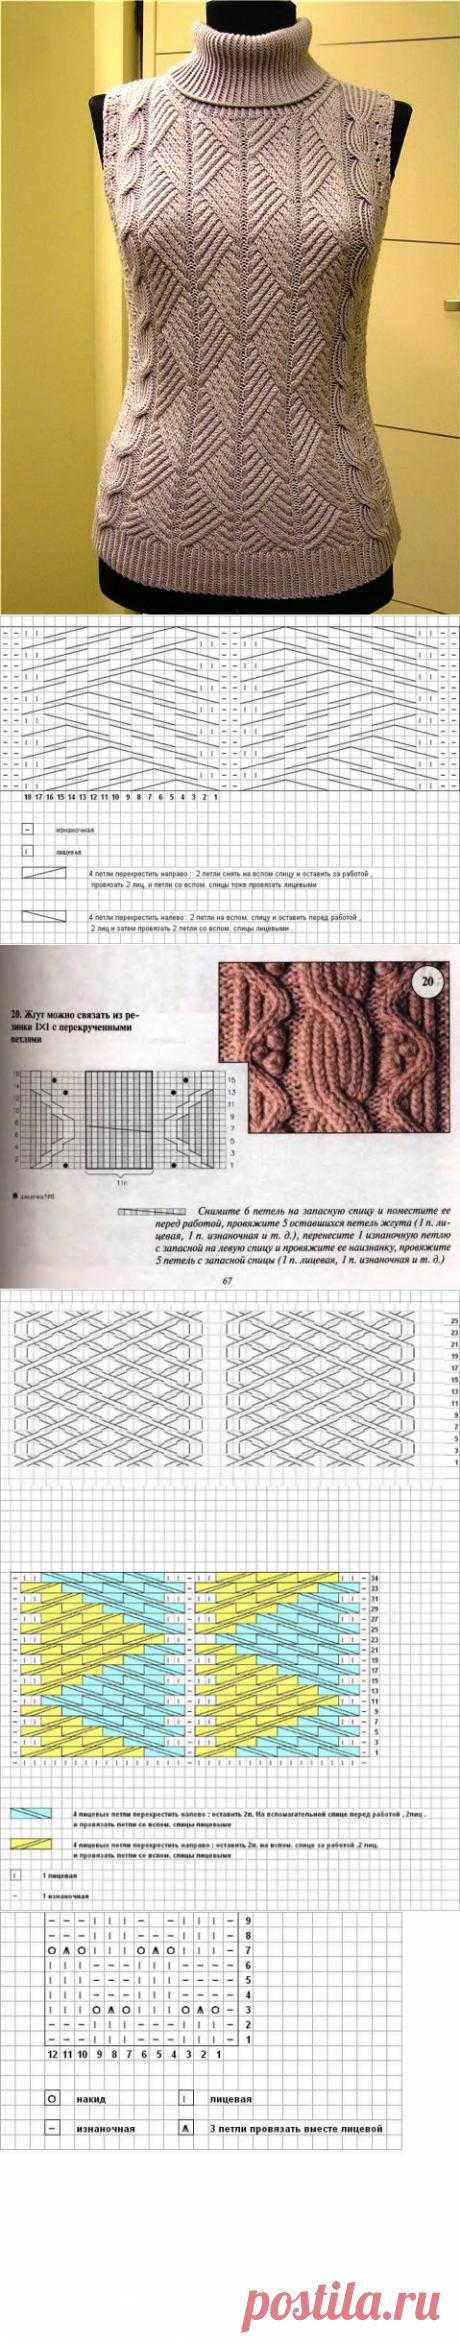 Красивая безрукавка спицами +СХЕМА. Вязание спицами безрукавки схемы бесплатно |